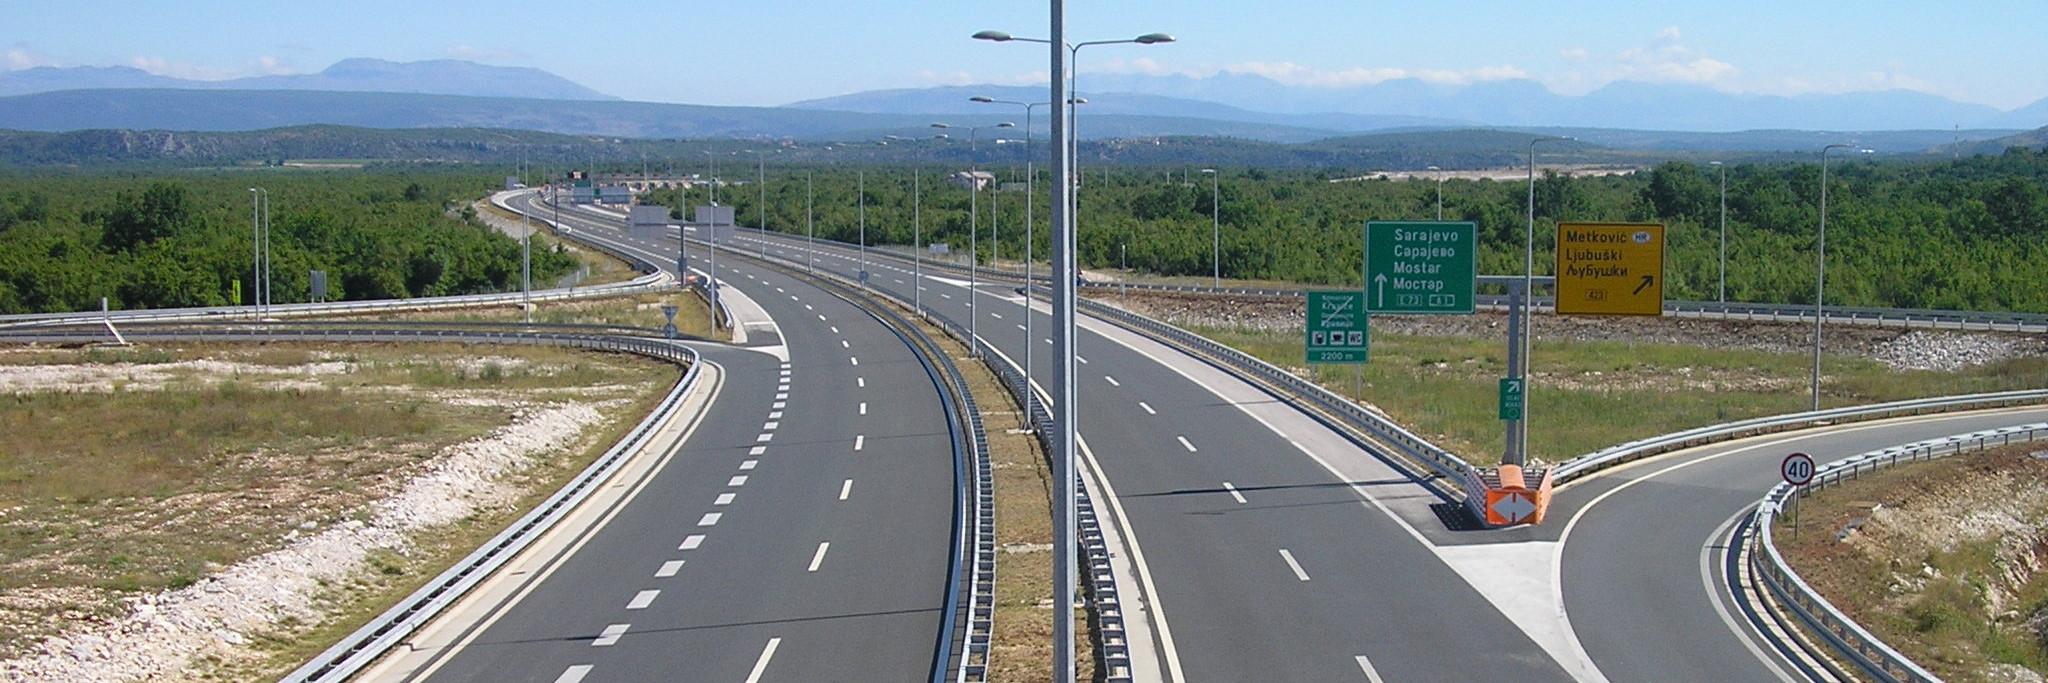 Дороги в Боснии и Герцеговине